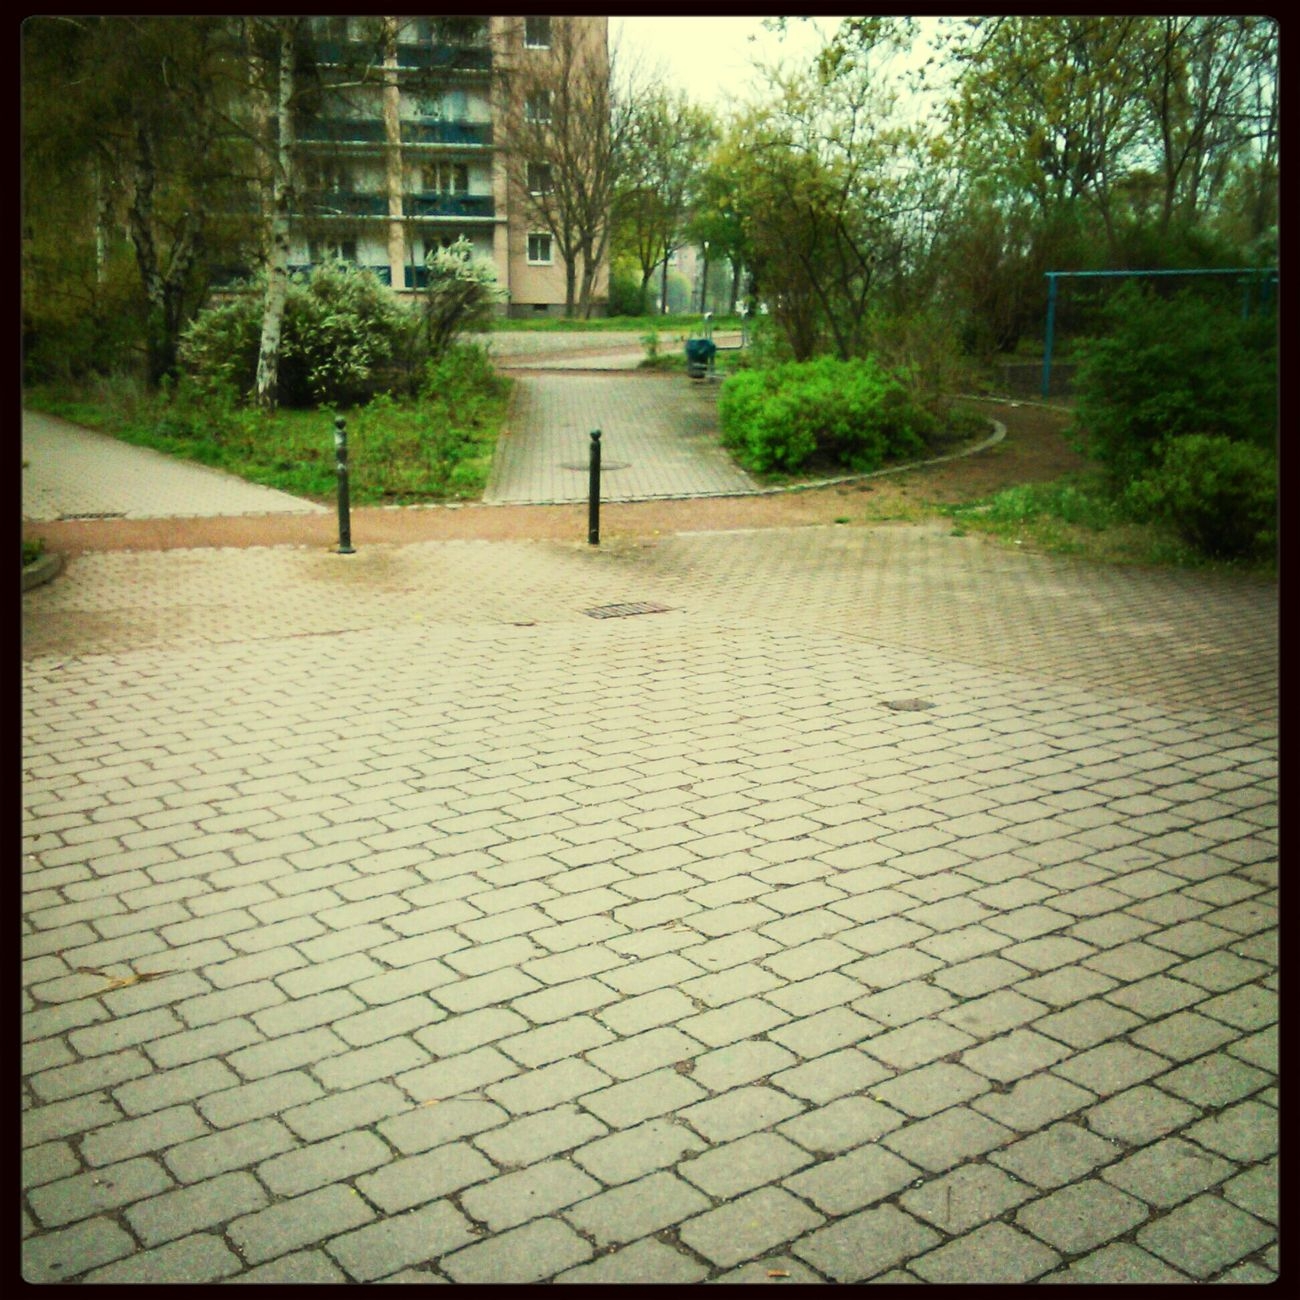 am rondel Langeweile#draußen#spaß#haben#mit#freundin#swag#love :-*